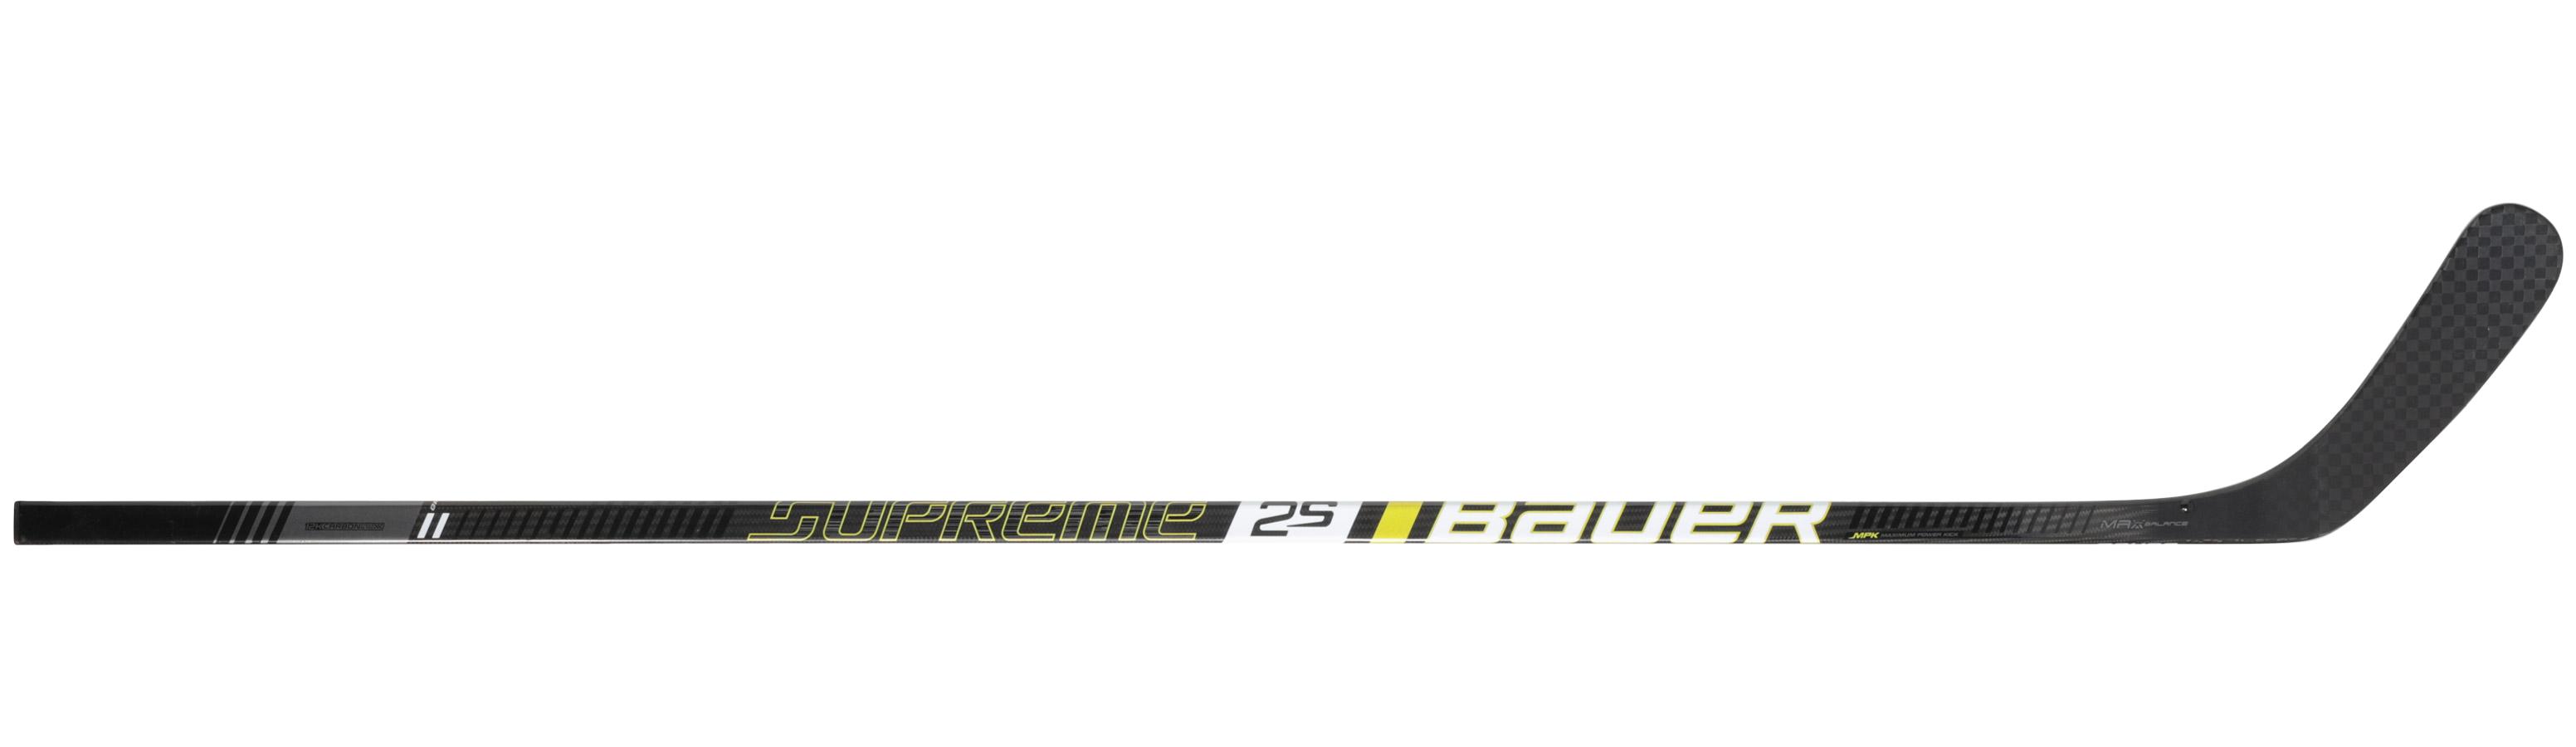 Bauer Supreme 2S Grip SR